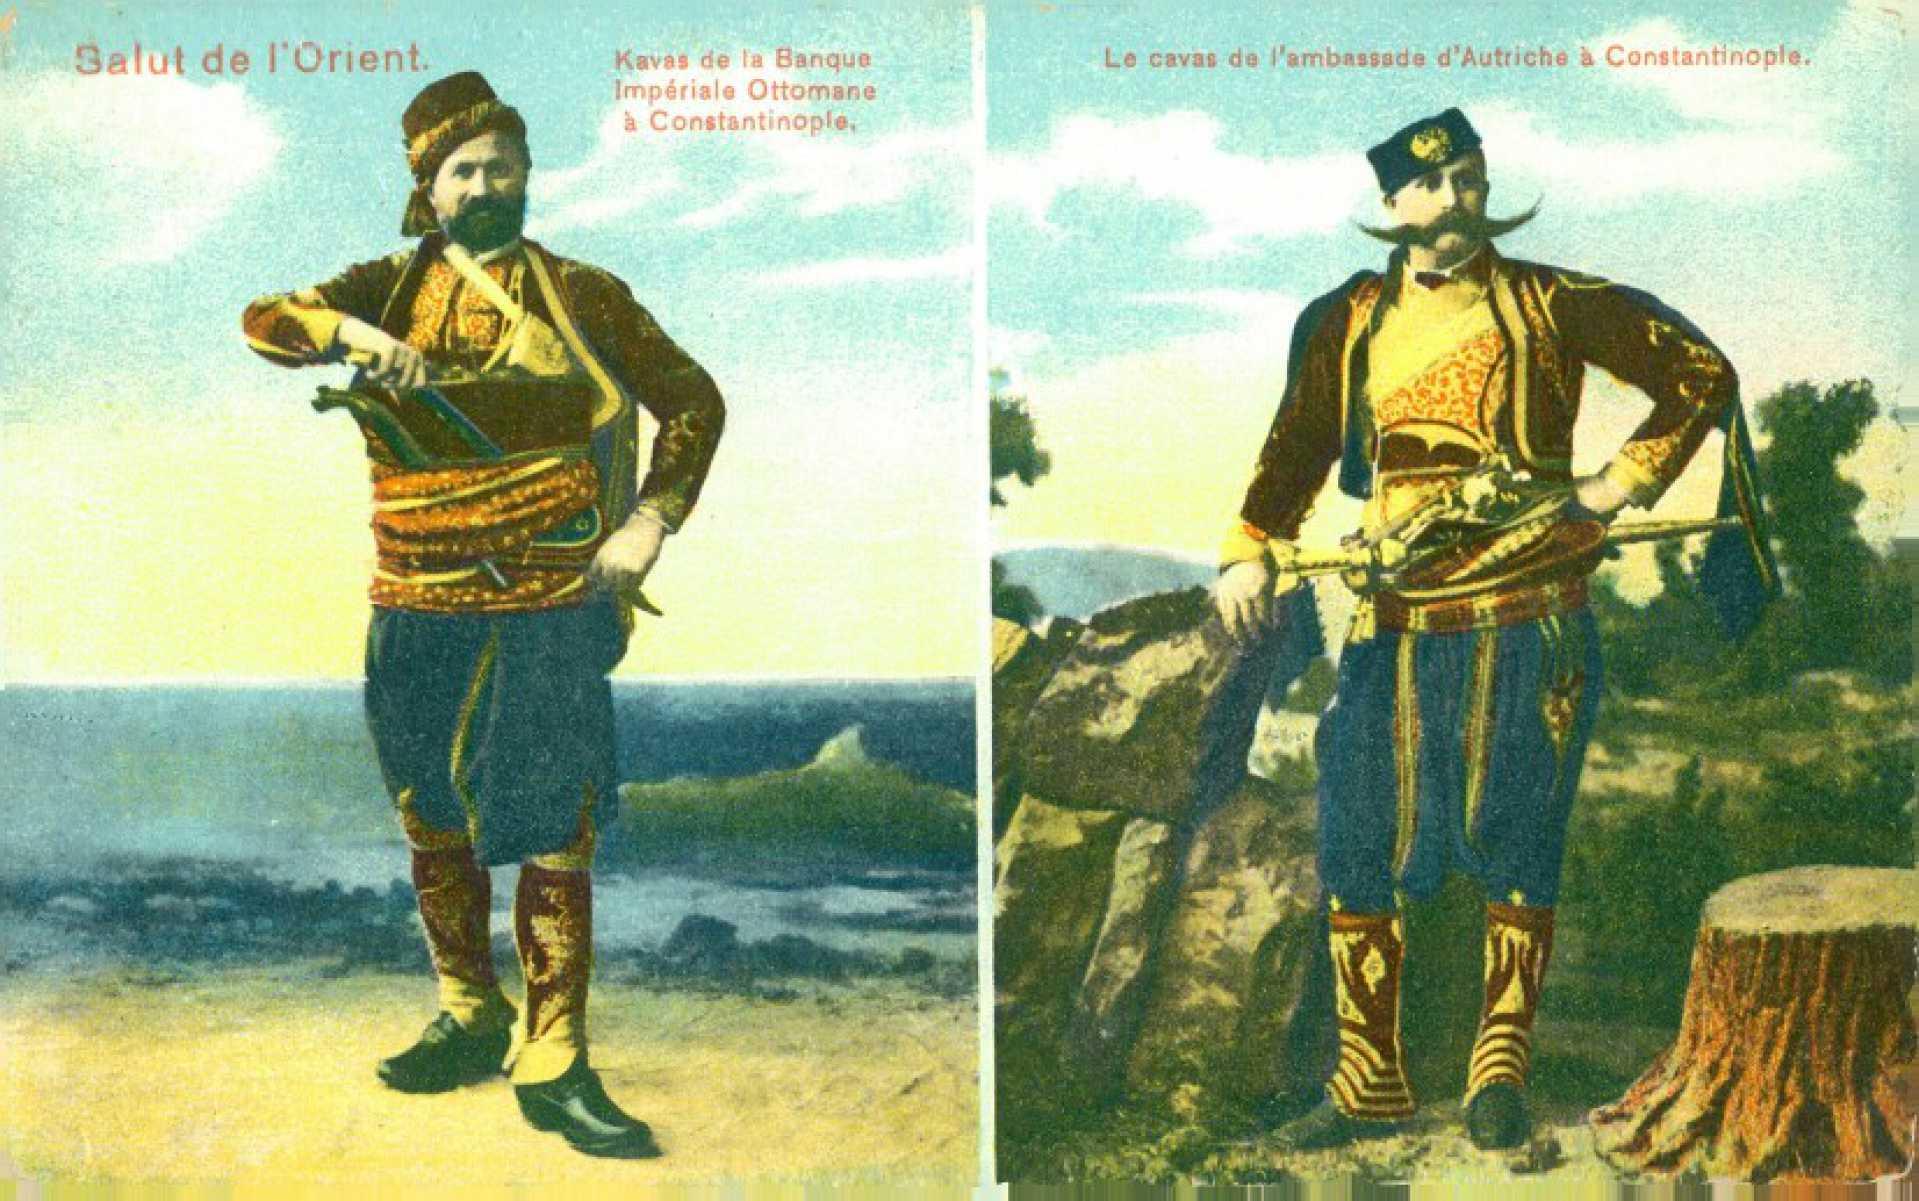 Salut de l'Orient. Kavas de le Banque Imperiale ottomane a Constantinople. Le cavas de l'ambasade d'Autriche a Constantinople